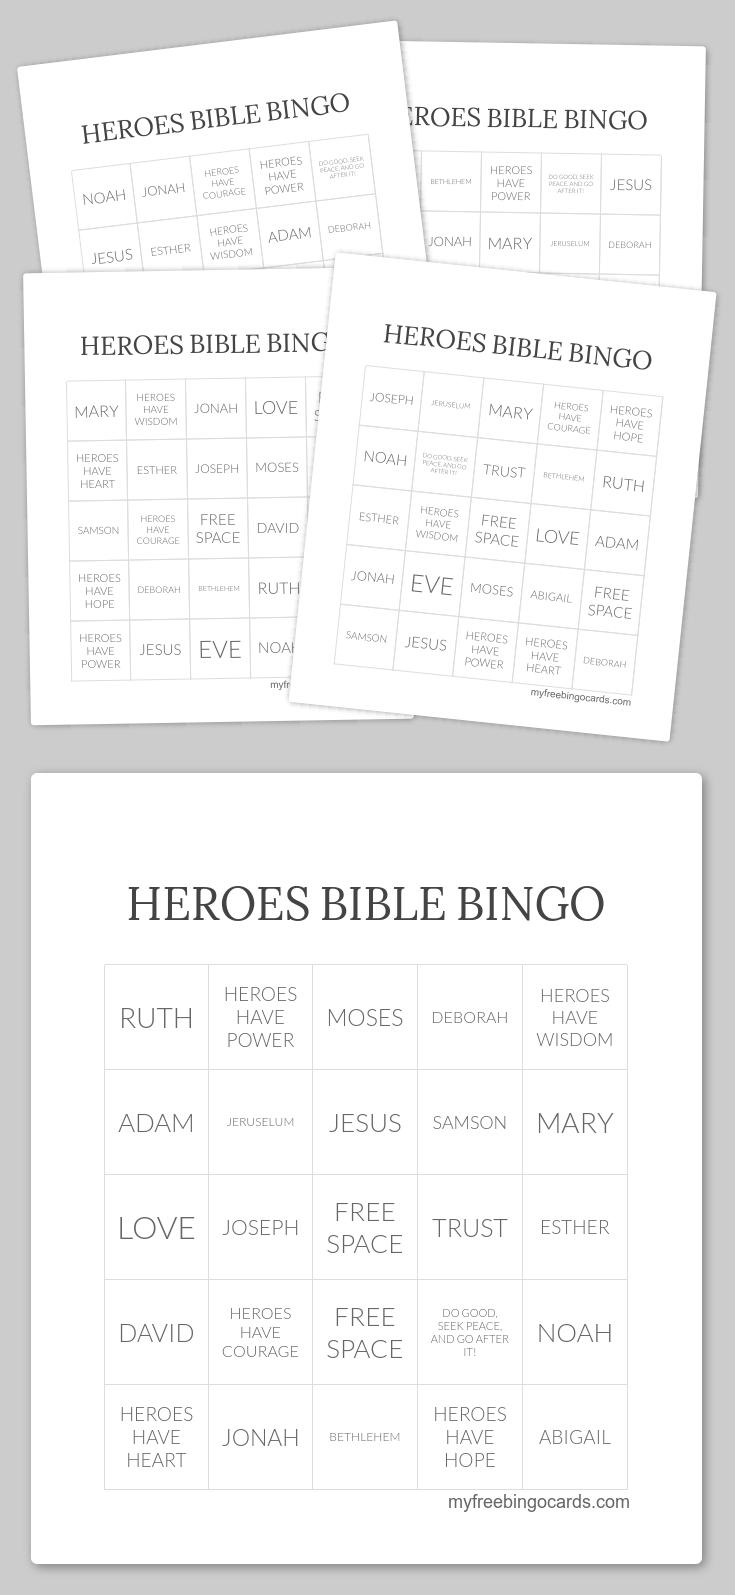 Heroes Bible Bingo | Free Printable Bingo Cards, Free Bingo